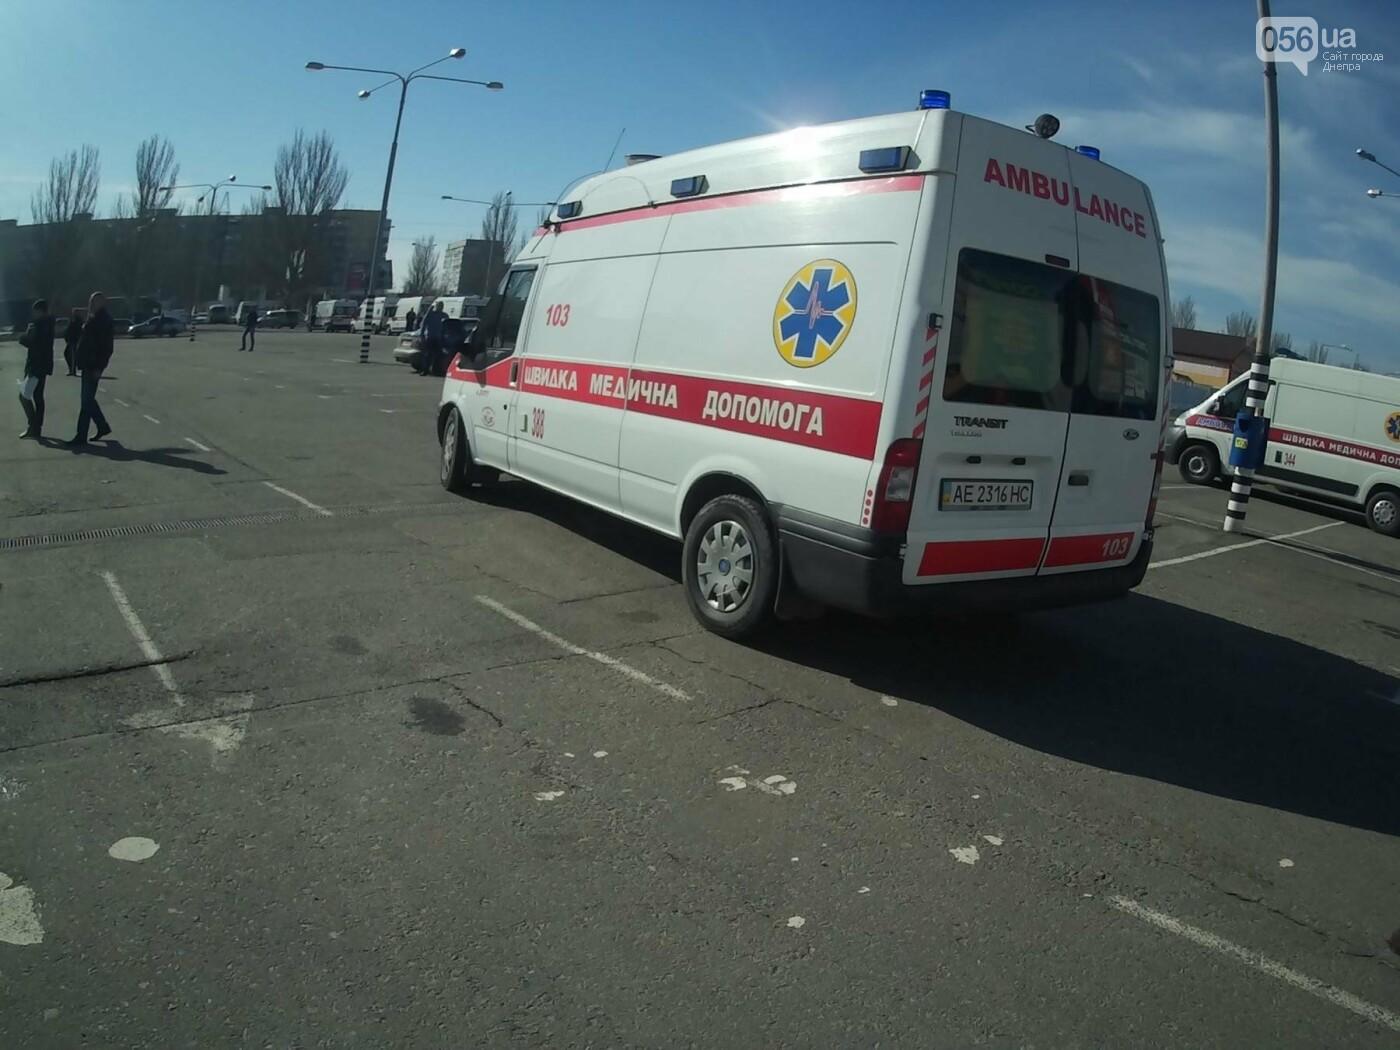 В Днепре спасатели эвакуировали персонал и посетителей из «Каравана» (ФОТО, ВИДЕО), фото-8